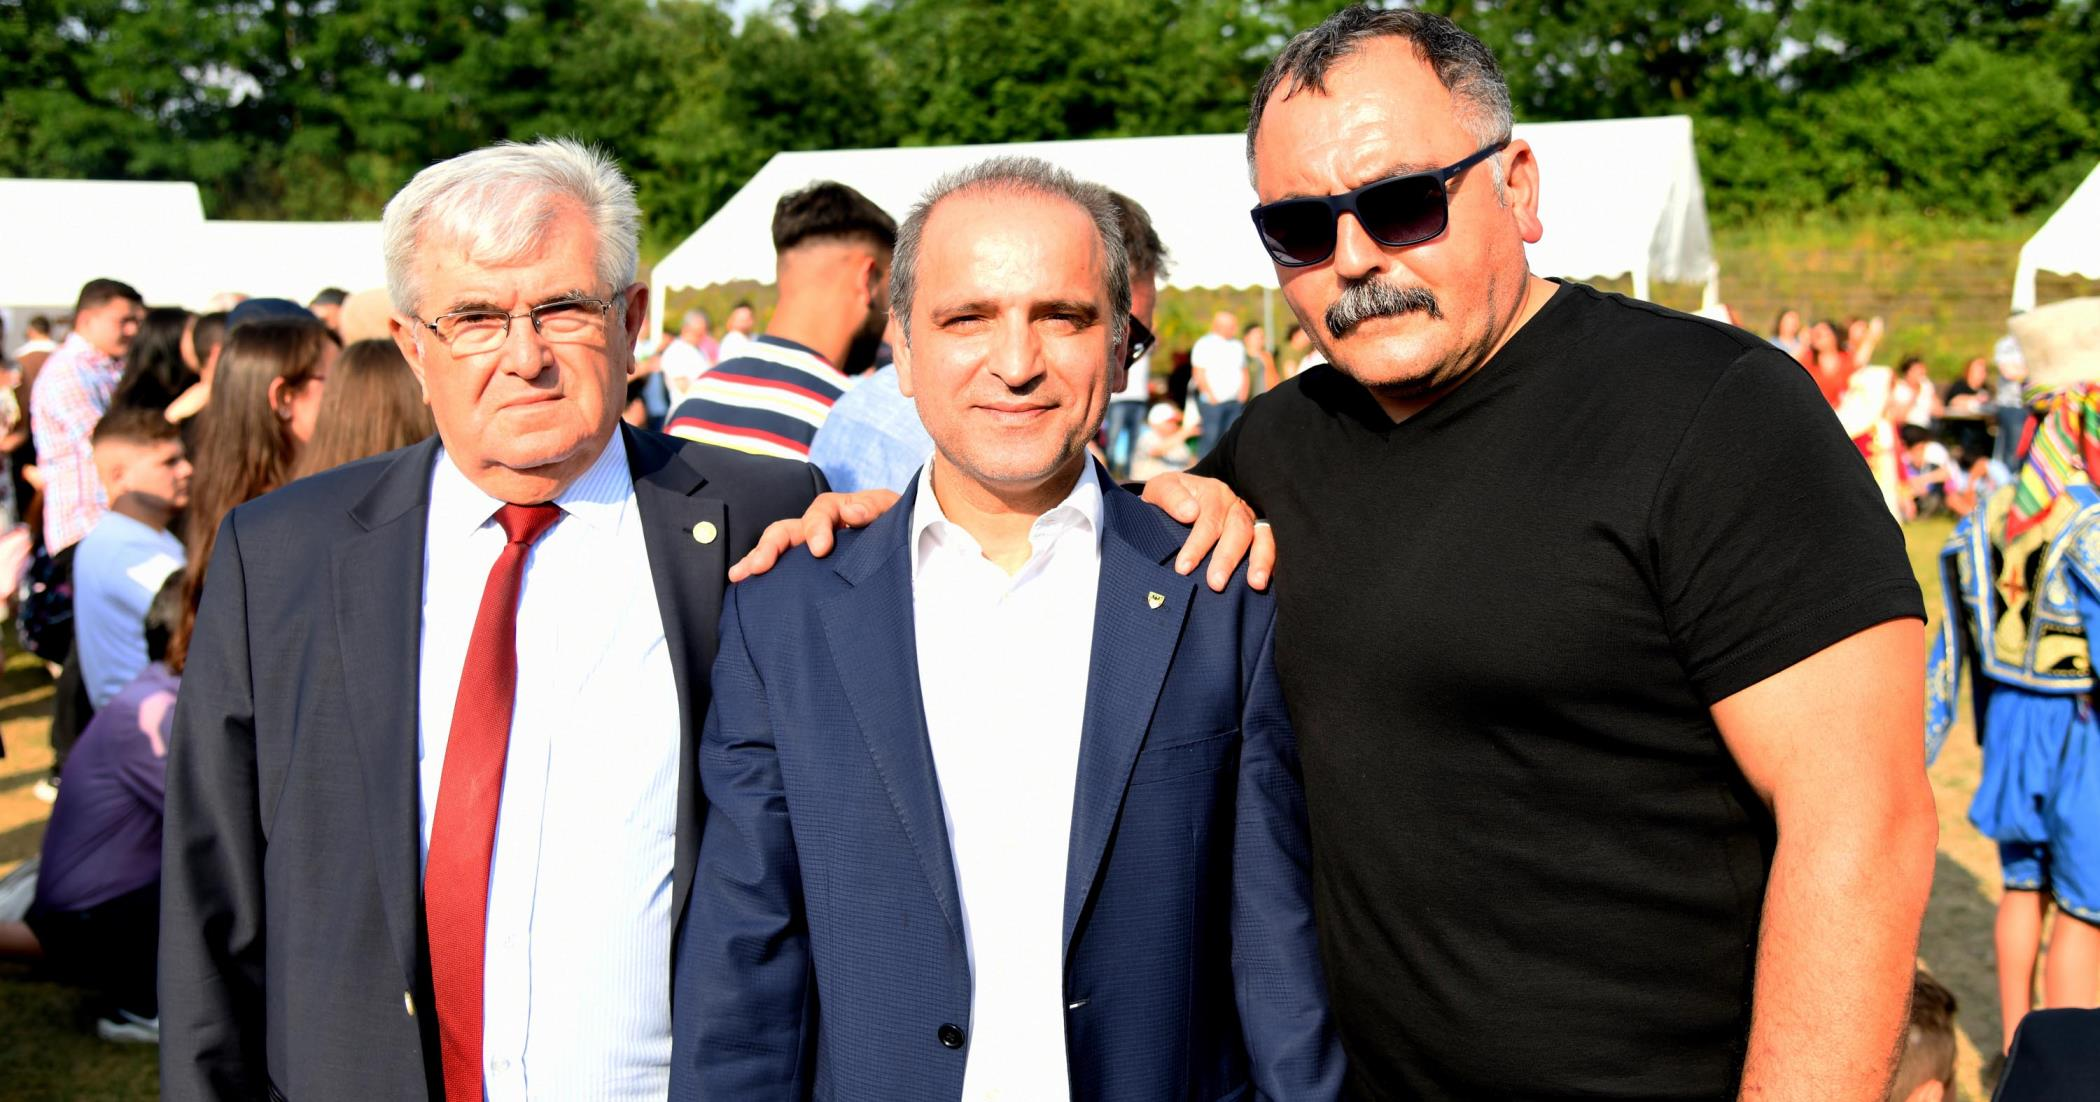 AVCU'YA YANIT DUİSBURG BELEDİYE BAŞKANI'NDAN